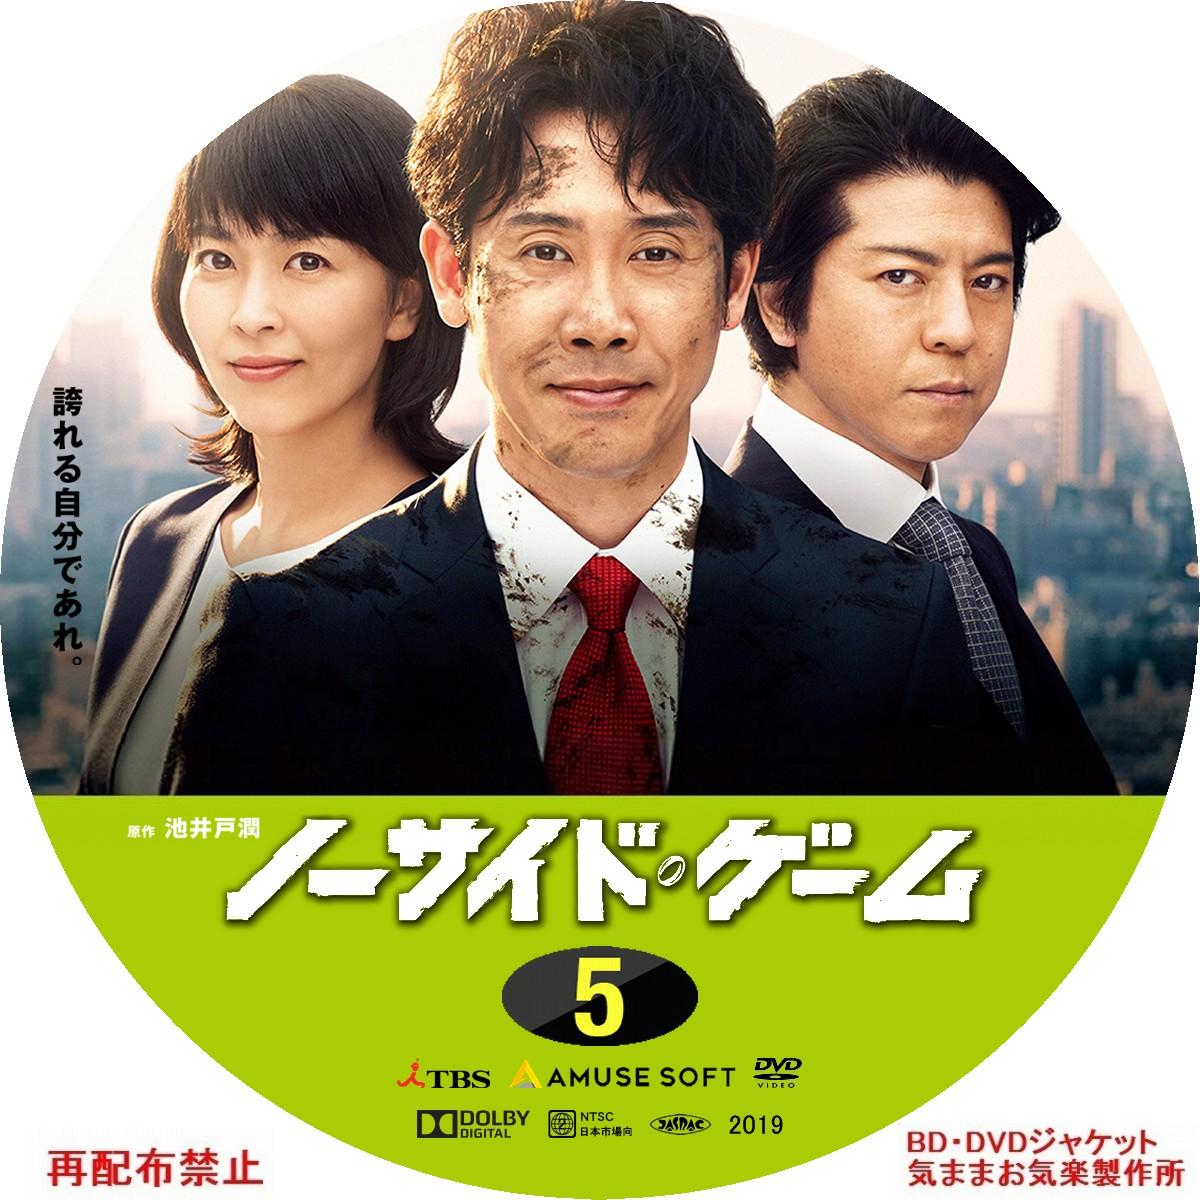 noside_game_DVD05.jpg